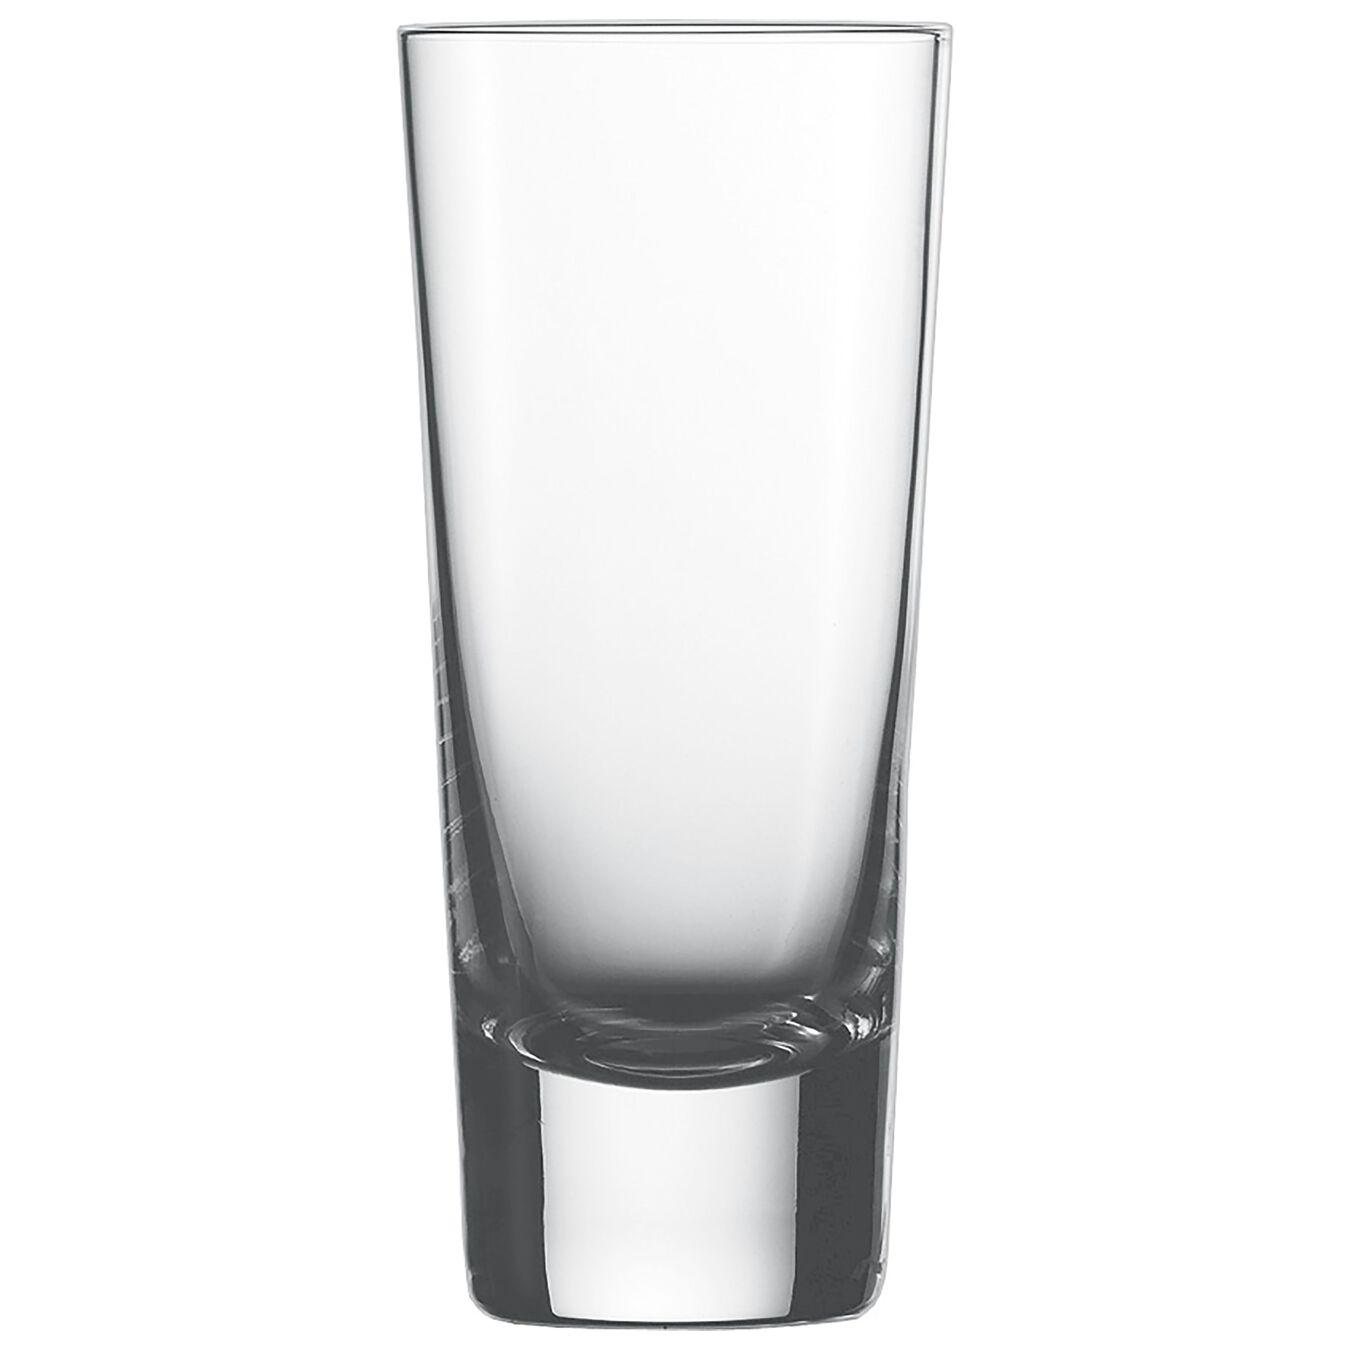 Bira Bardağı, 240 ml,,large 1